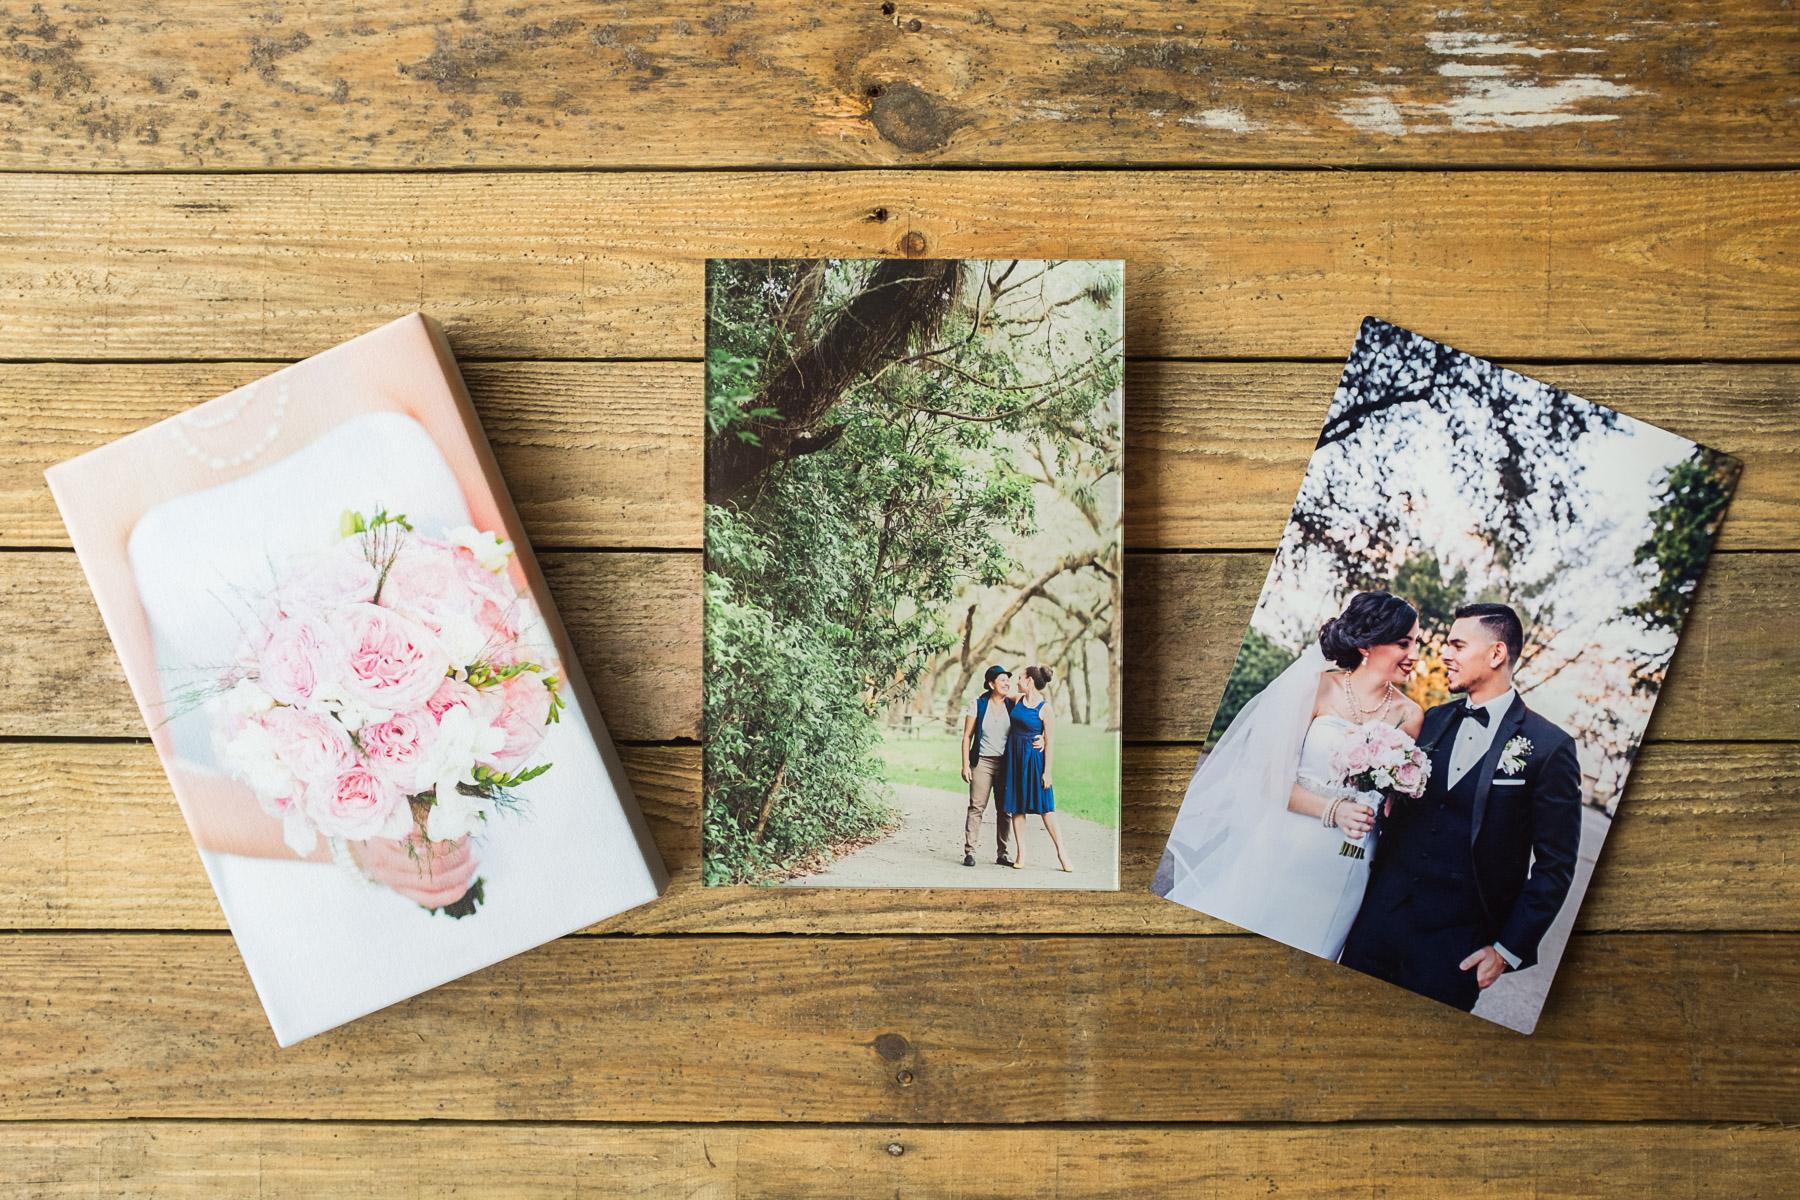 jessenia gonzalez-south florida-miami-wedding-photographer-products (4 of 16).jpg